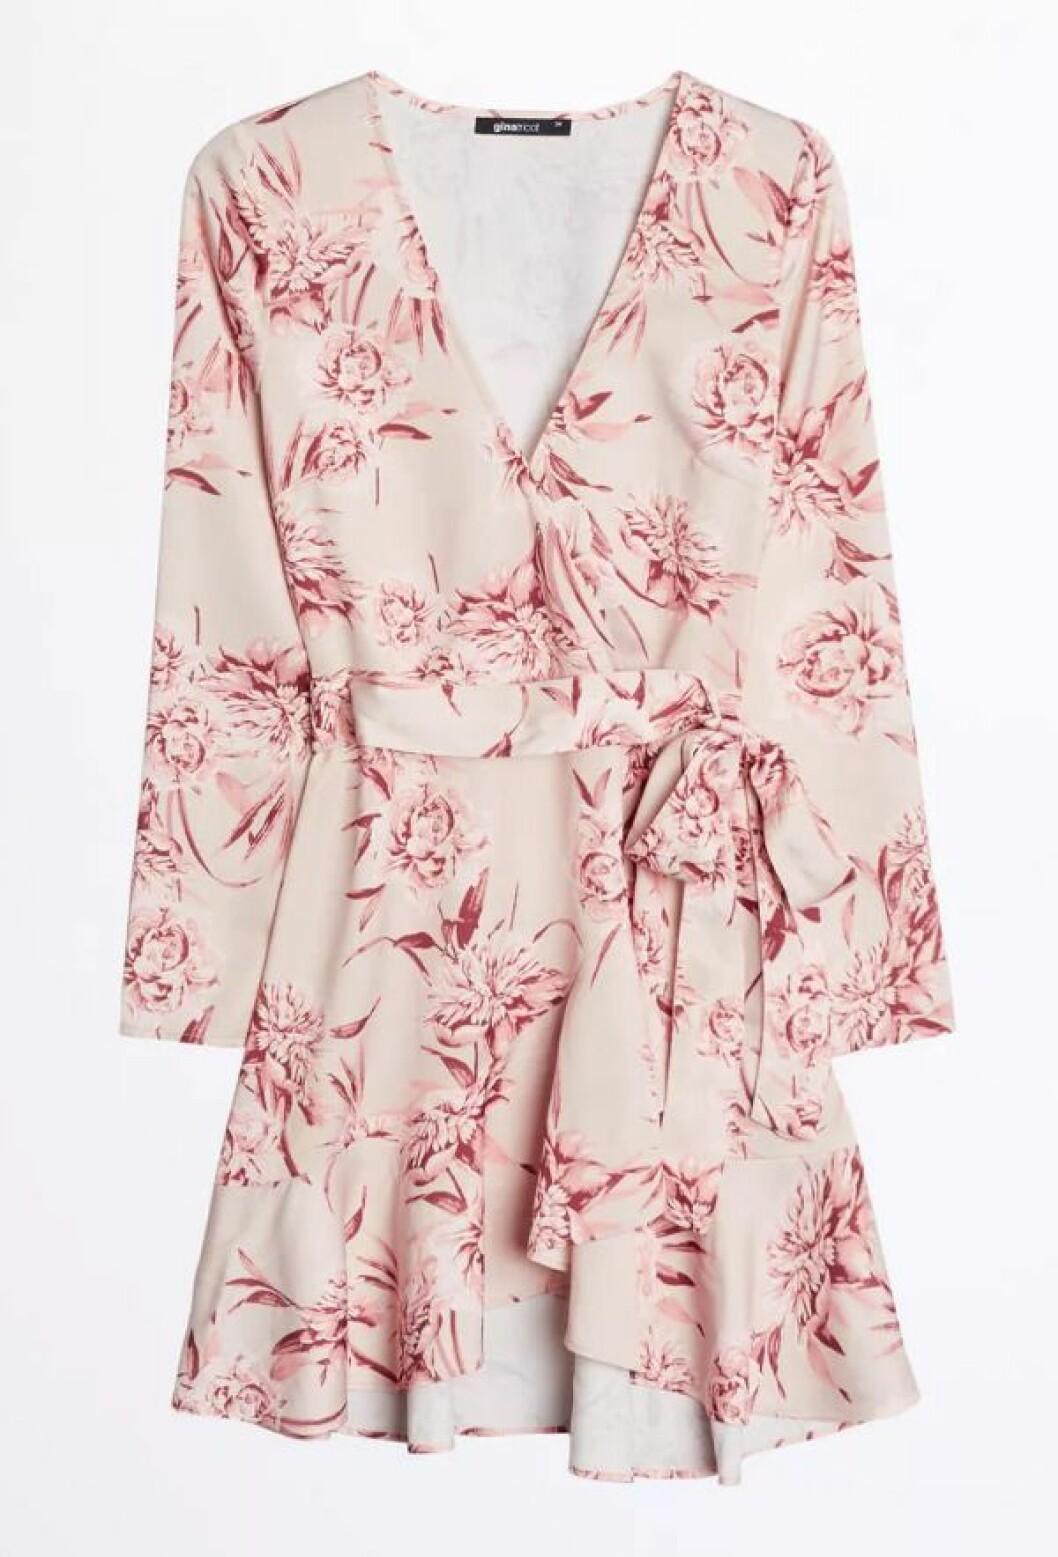 Blommig klänning till skolavslutningen 2019